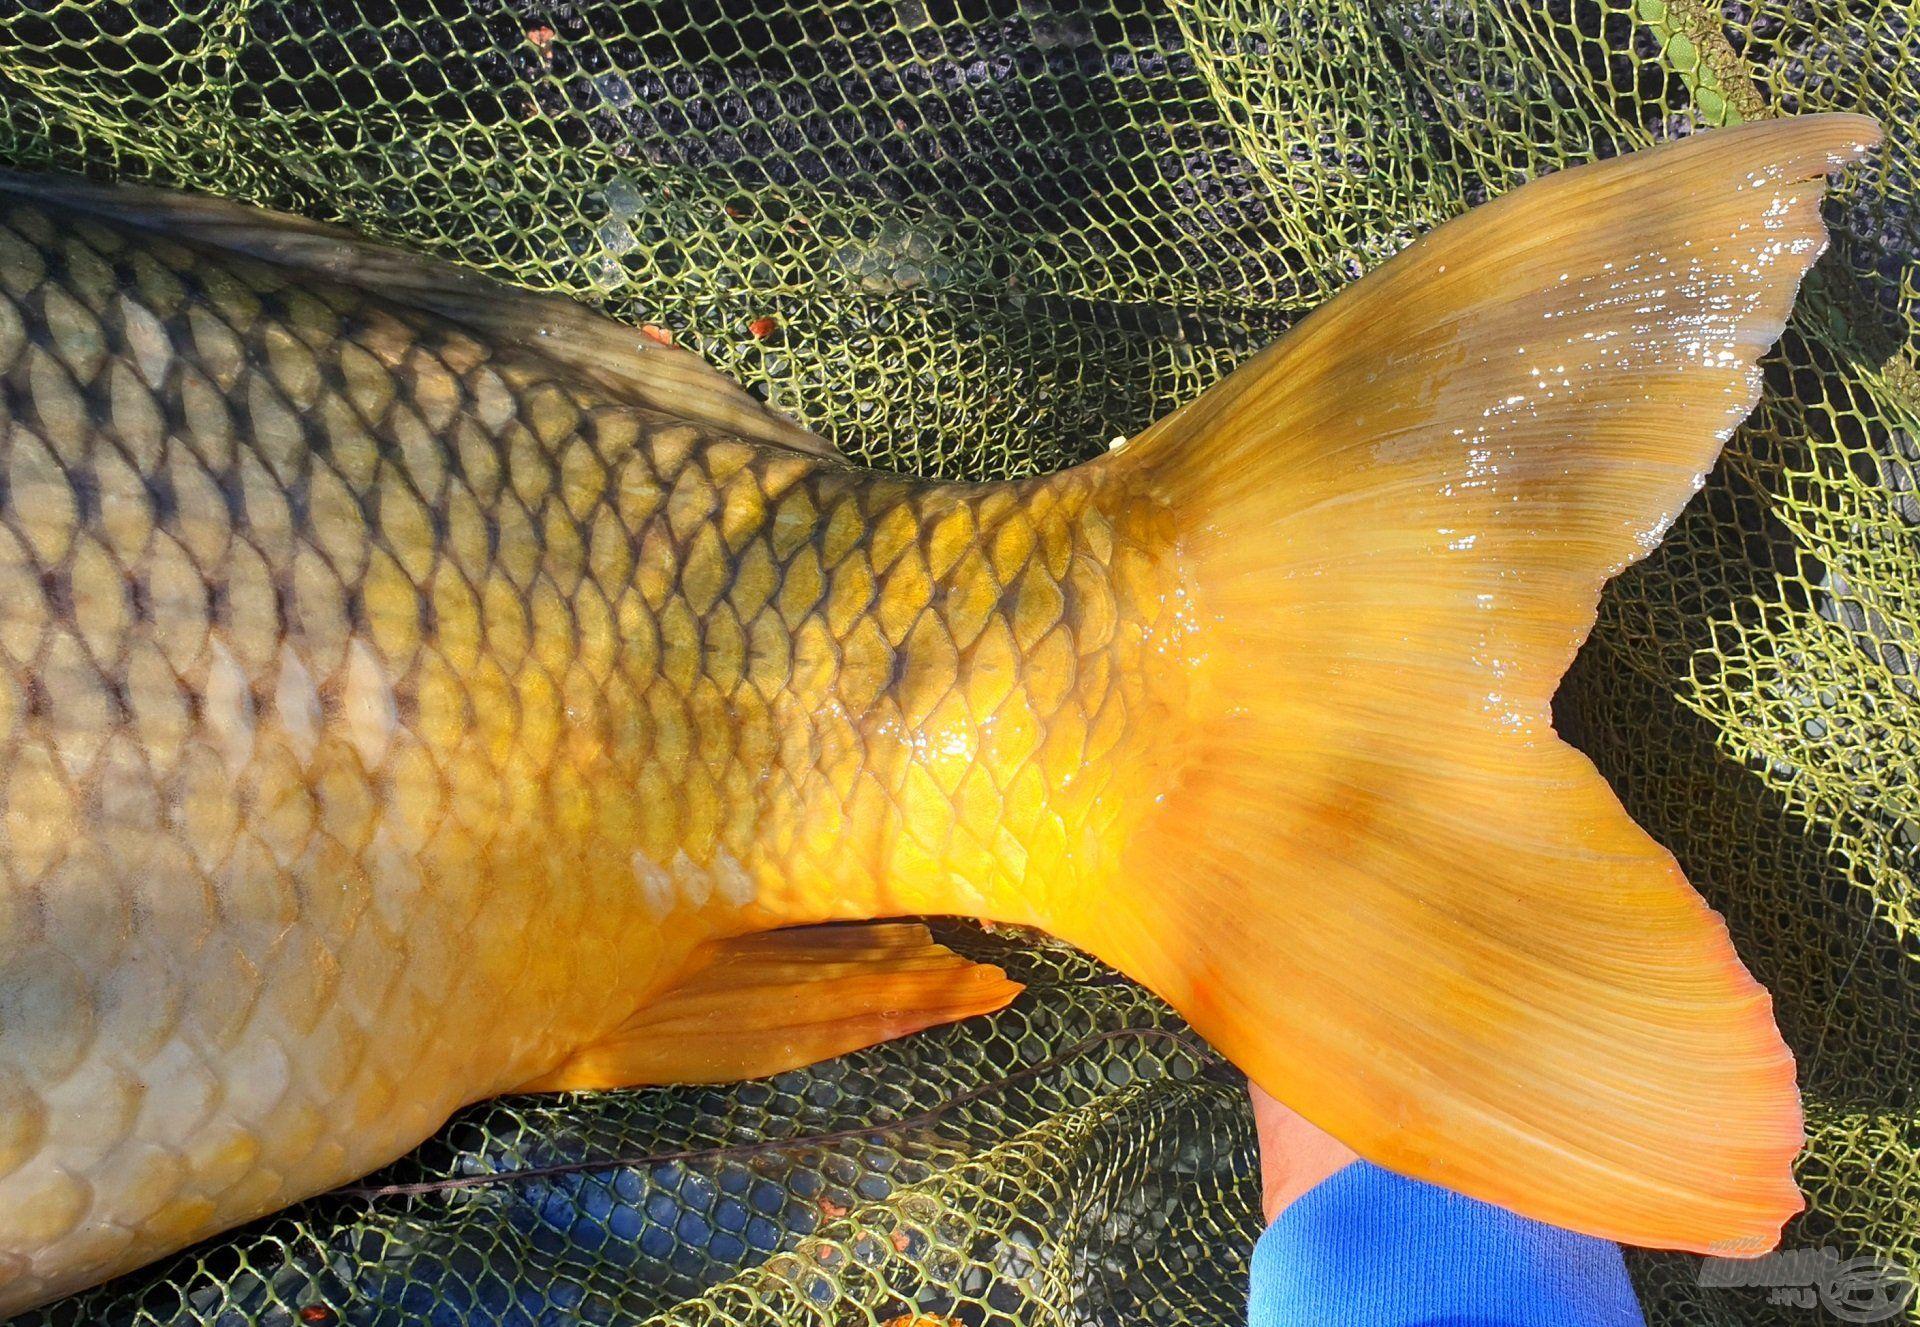 Nem lepődtem meg a hal erején, ekkora evezőkkel azért lehet menetelni a vízben